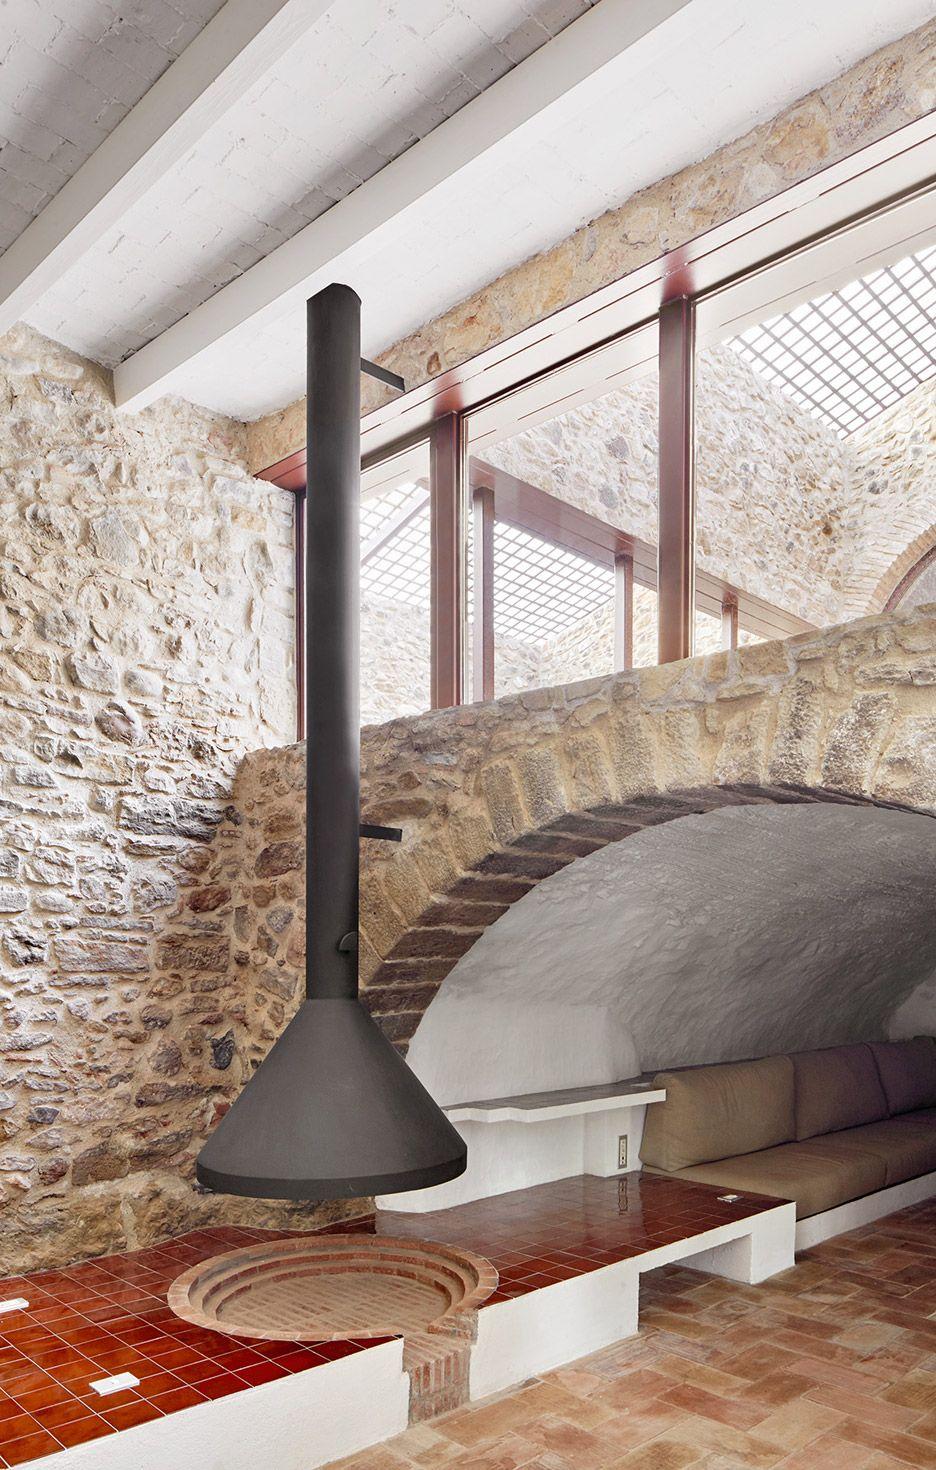 Arquitectura-G renovates Spanish farmhouse with glazed tiles